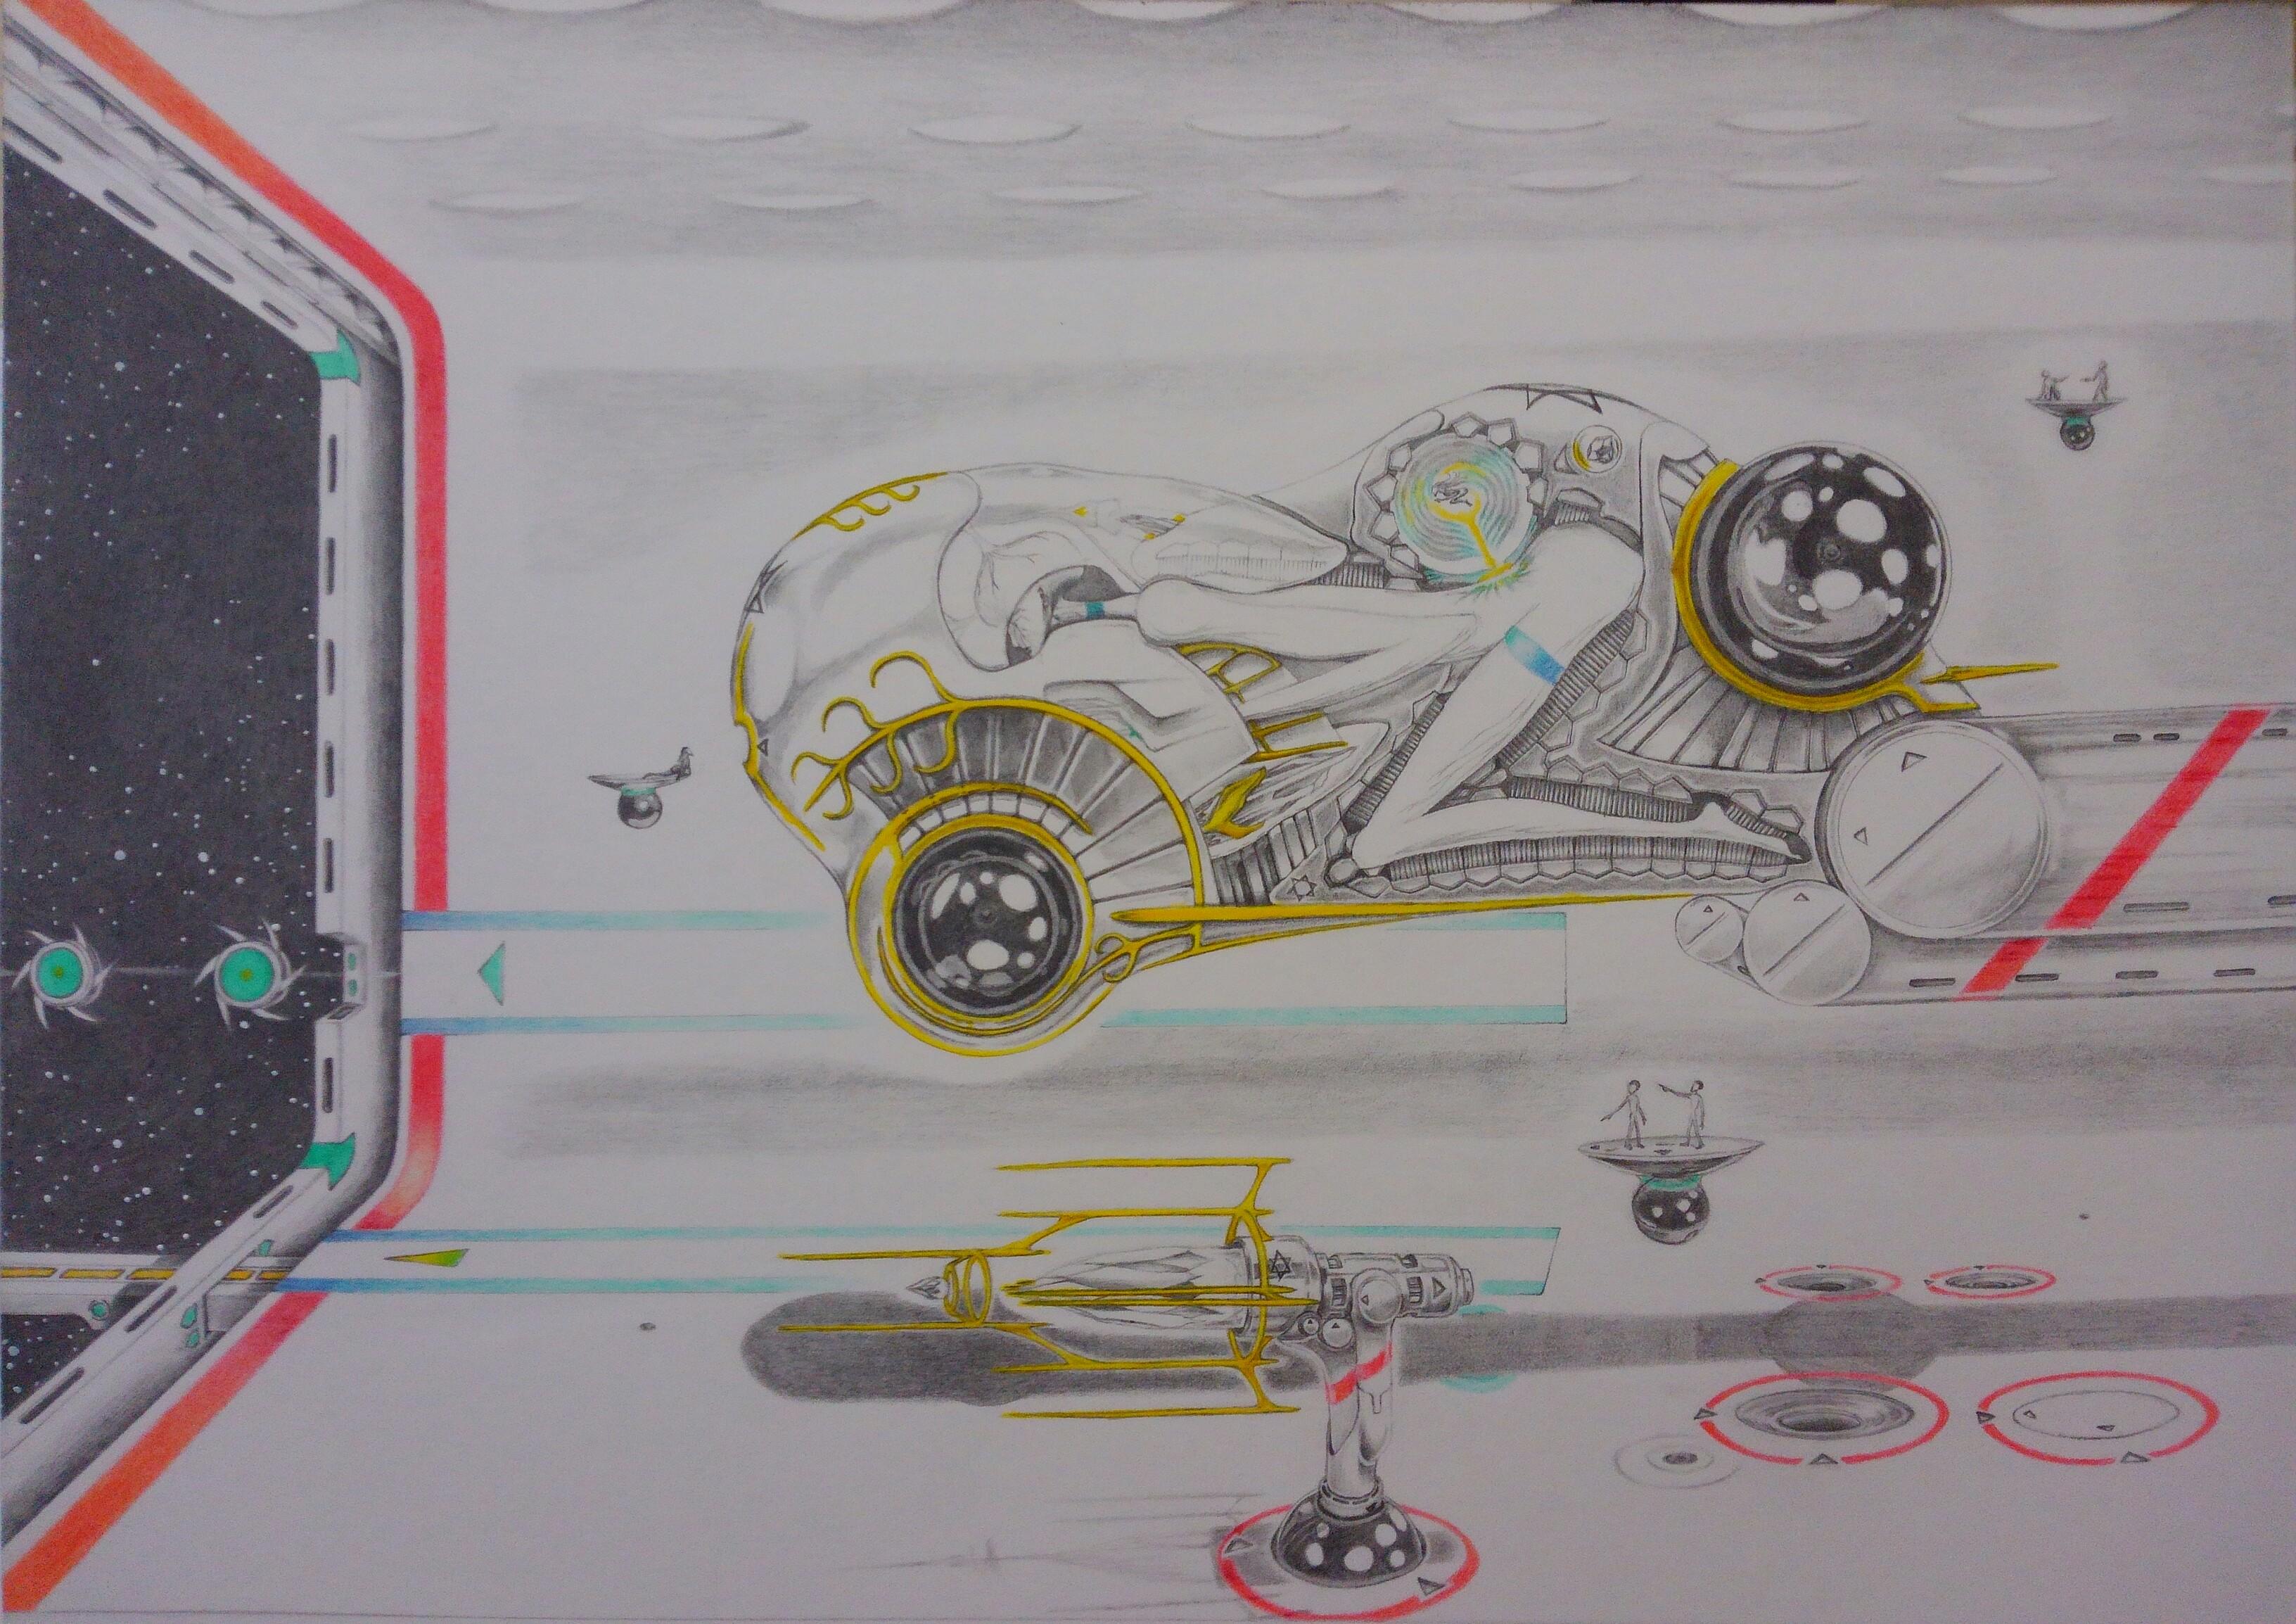 七歳の星クローン兵器専用 中距離移動用試作機 試運用発艦前準備